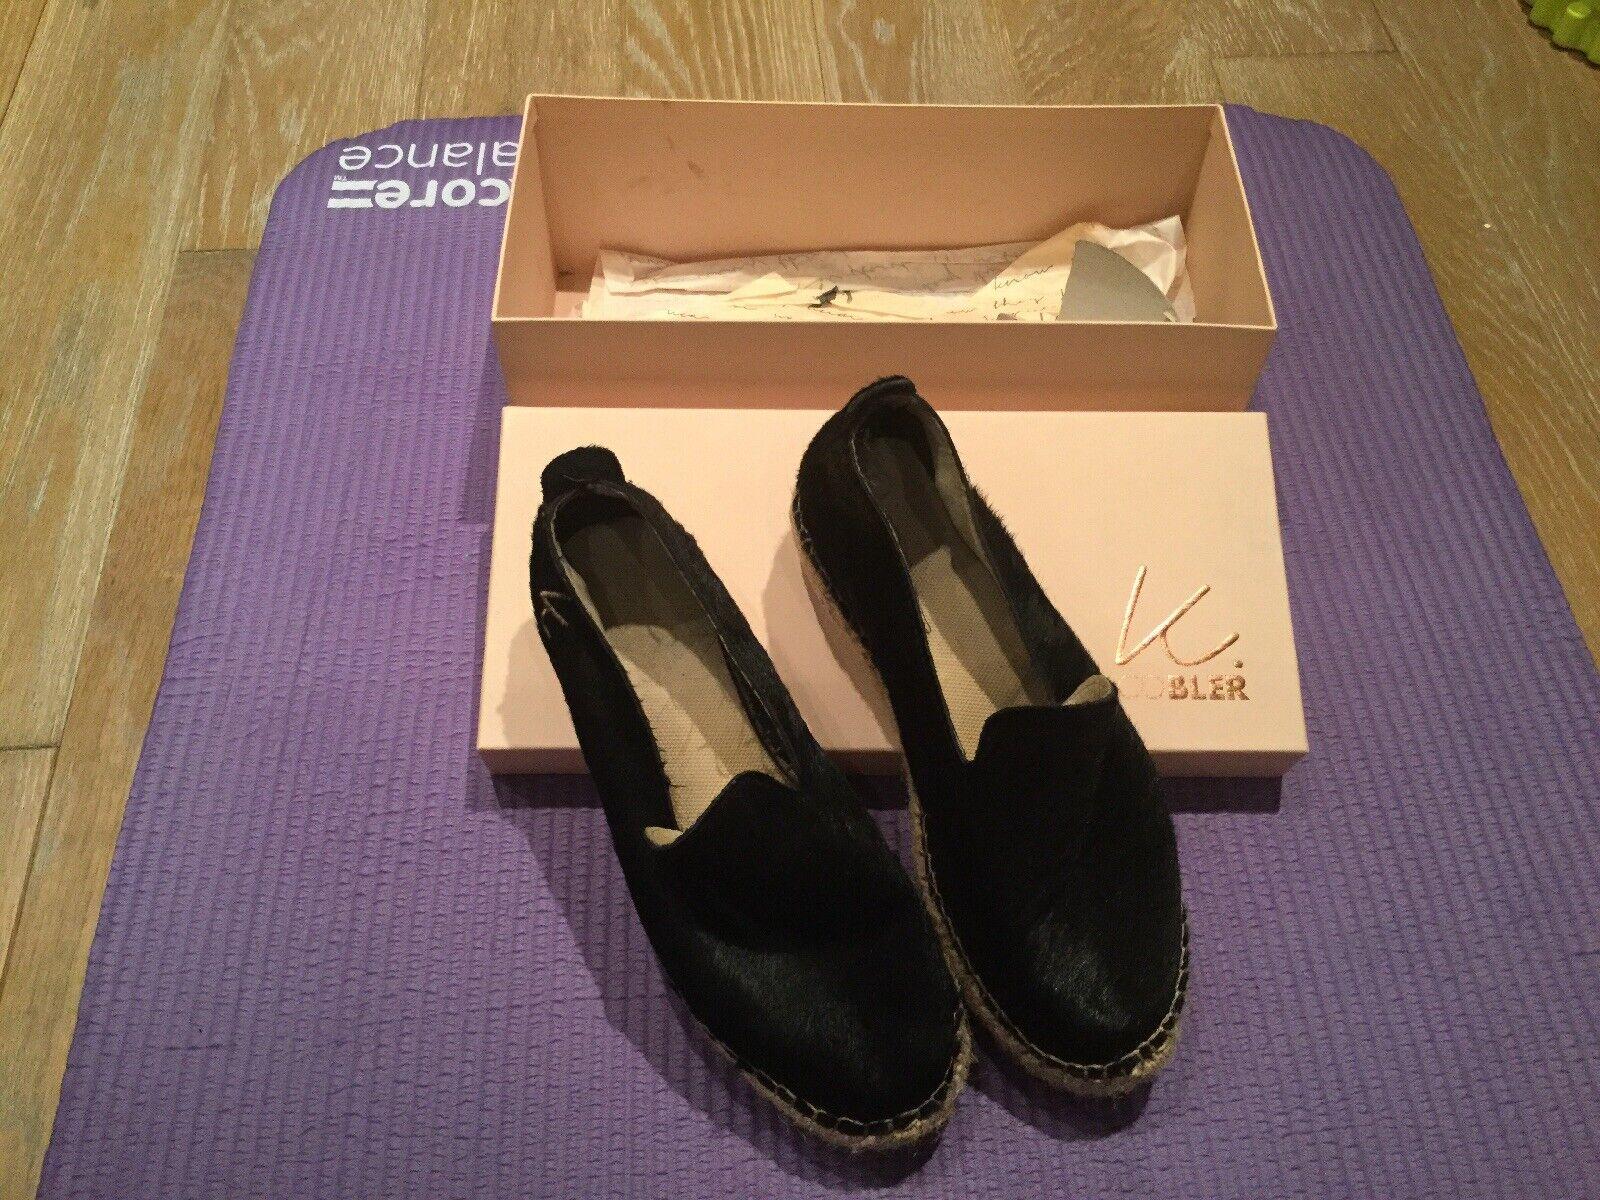 Swedish K.cobler Leather Espadrilles Size 4 (37)